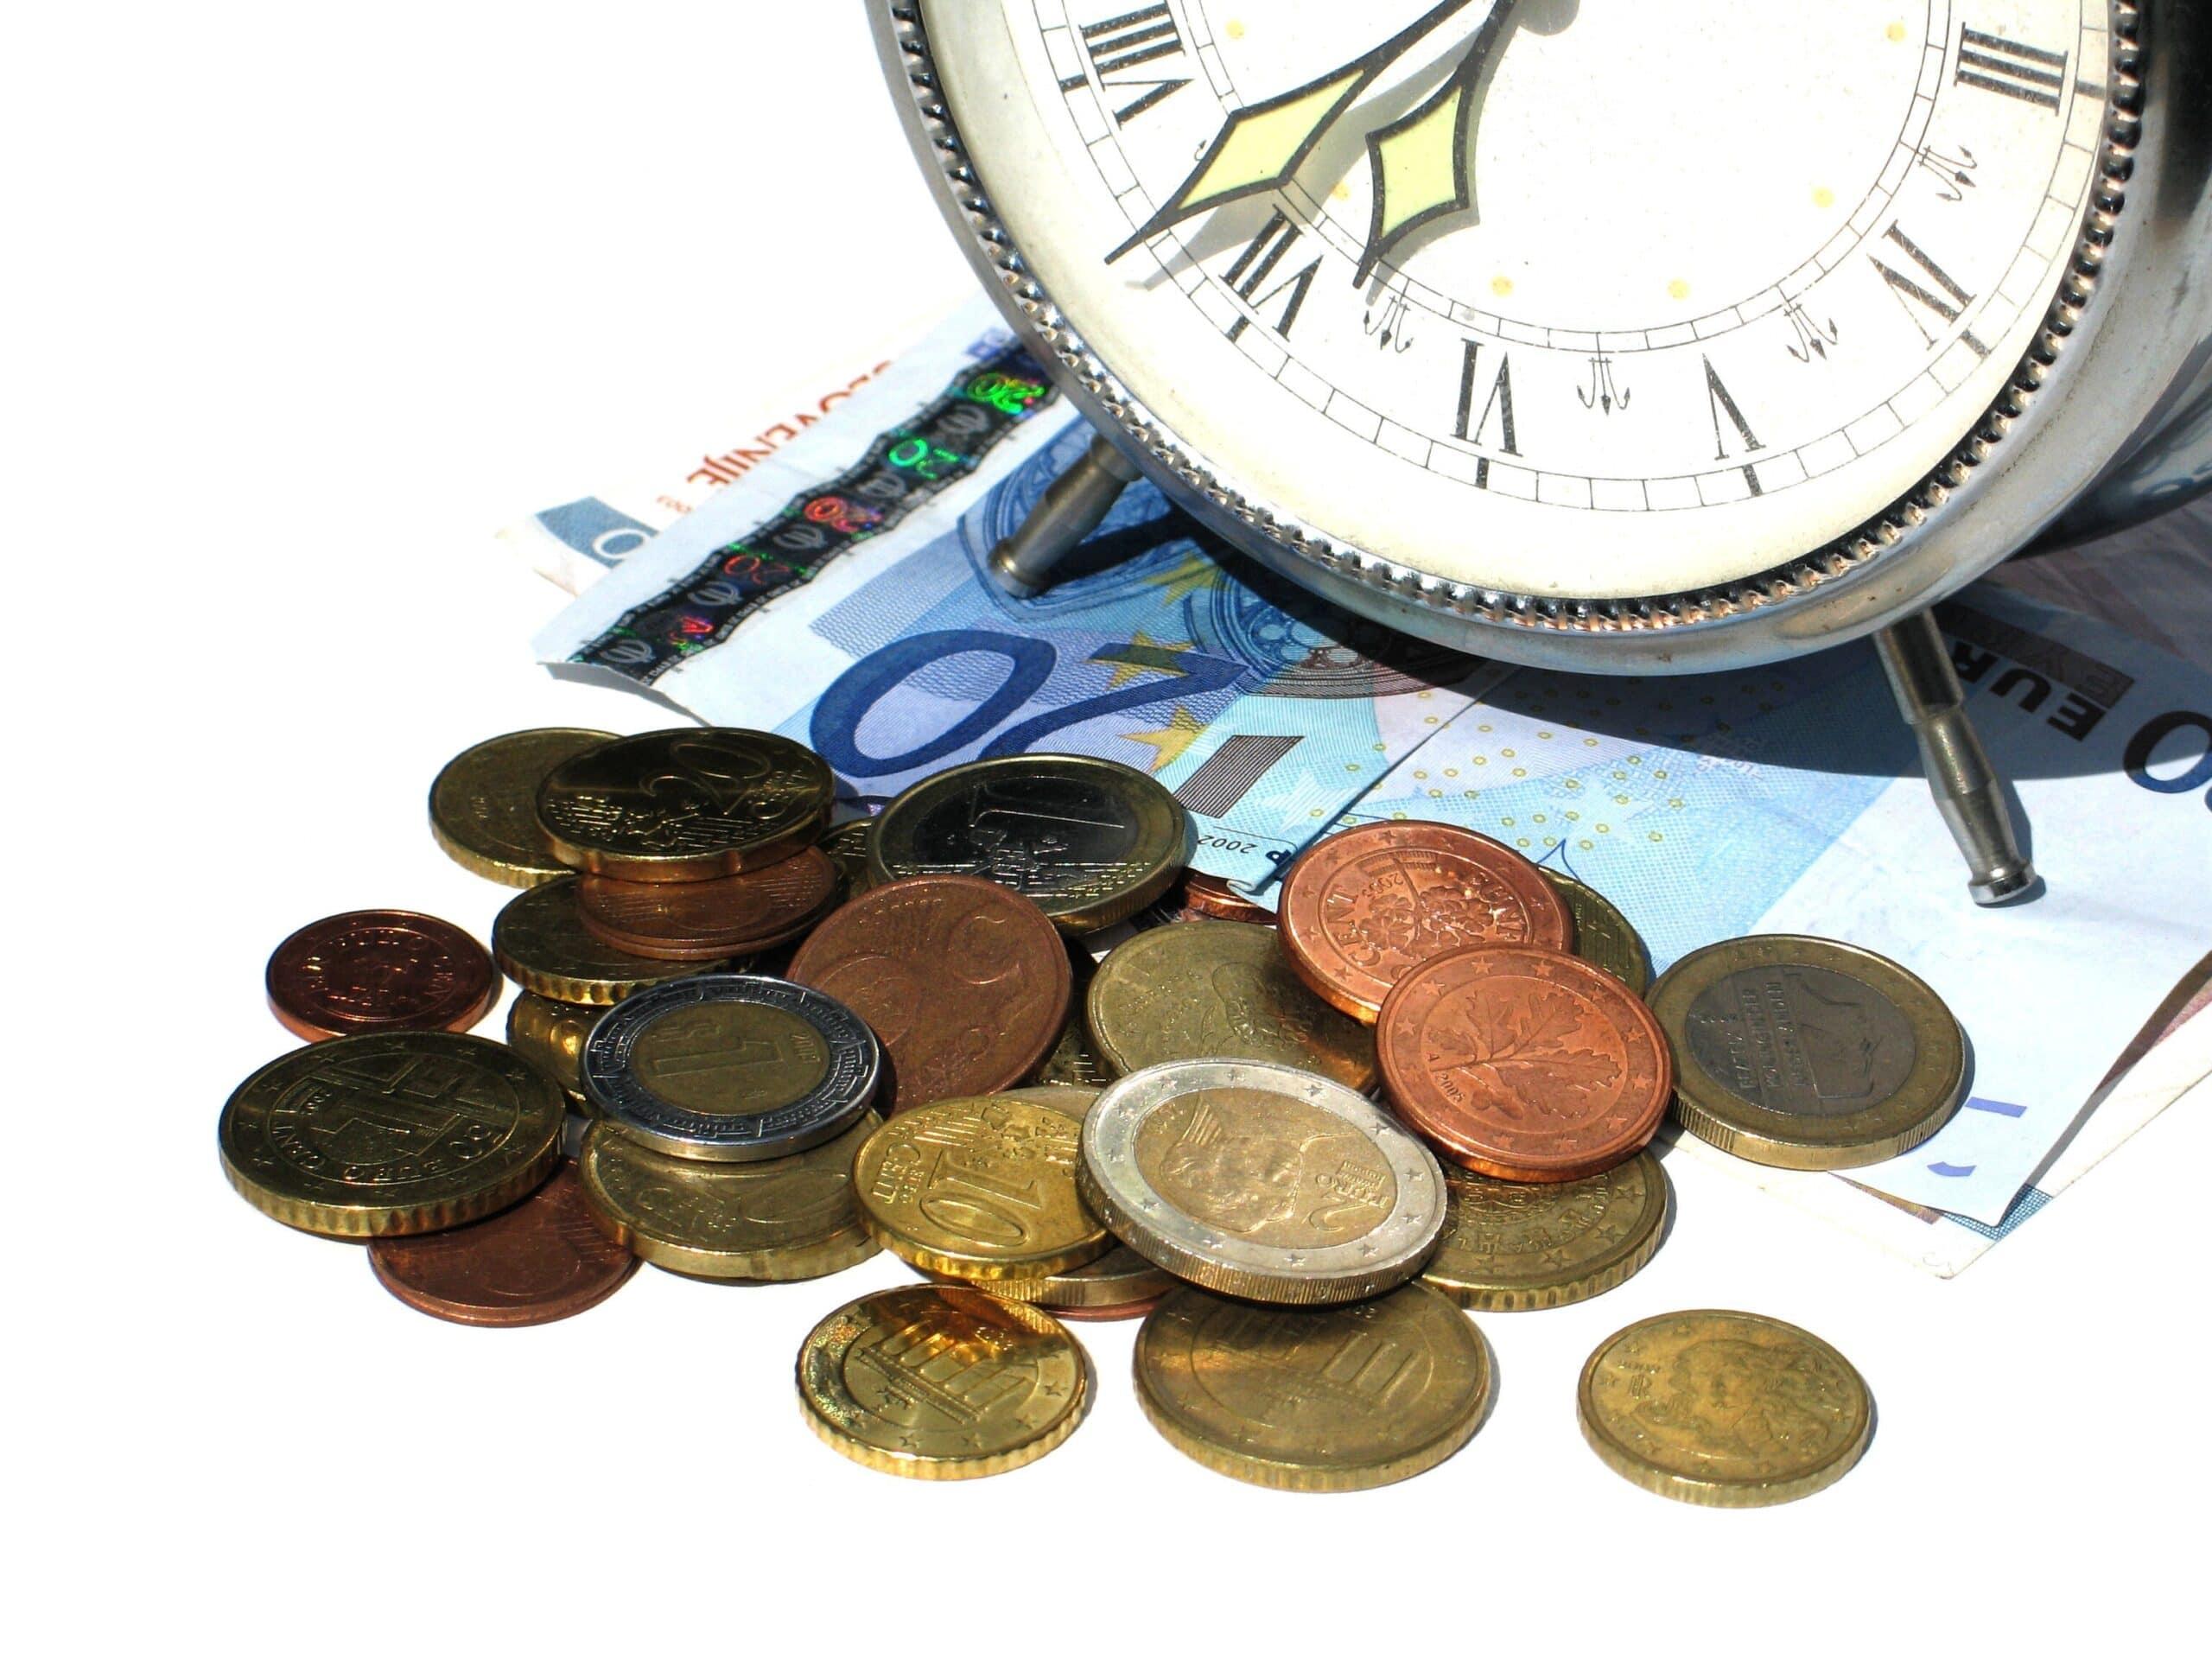 Ahorrar dinero - Ideas para ahorrar dinero ...